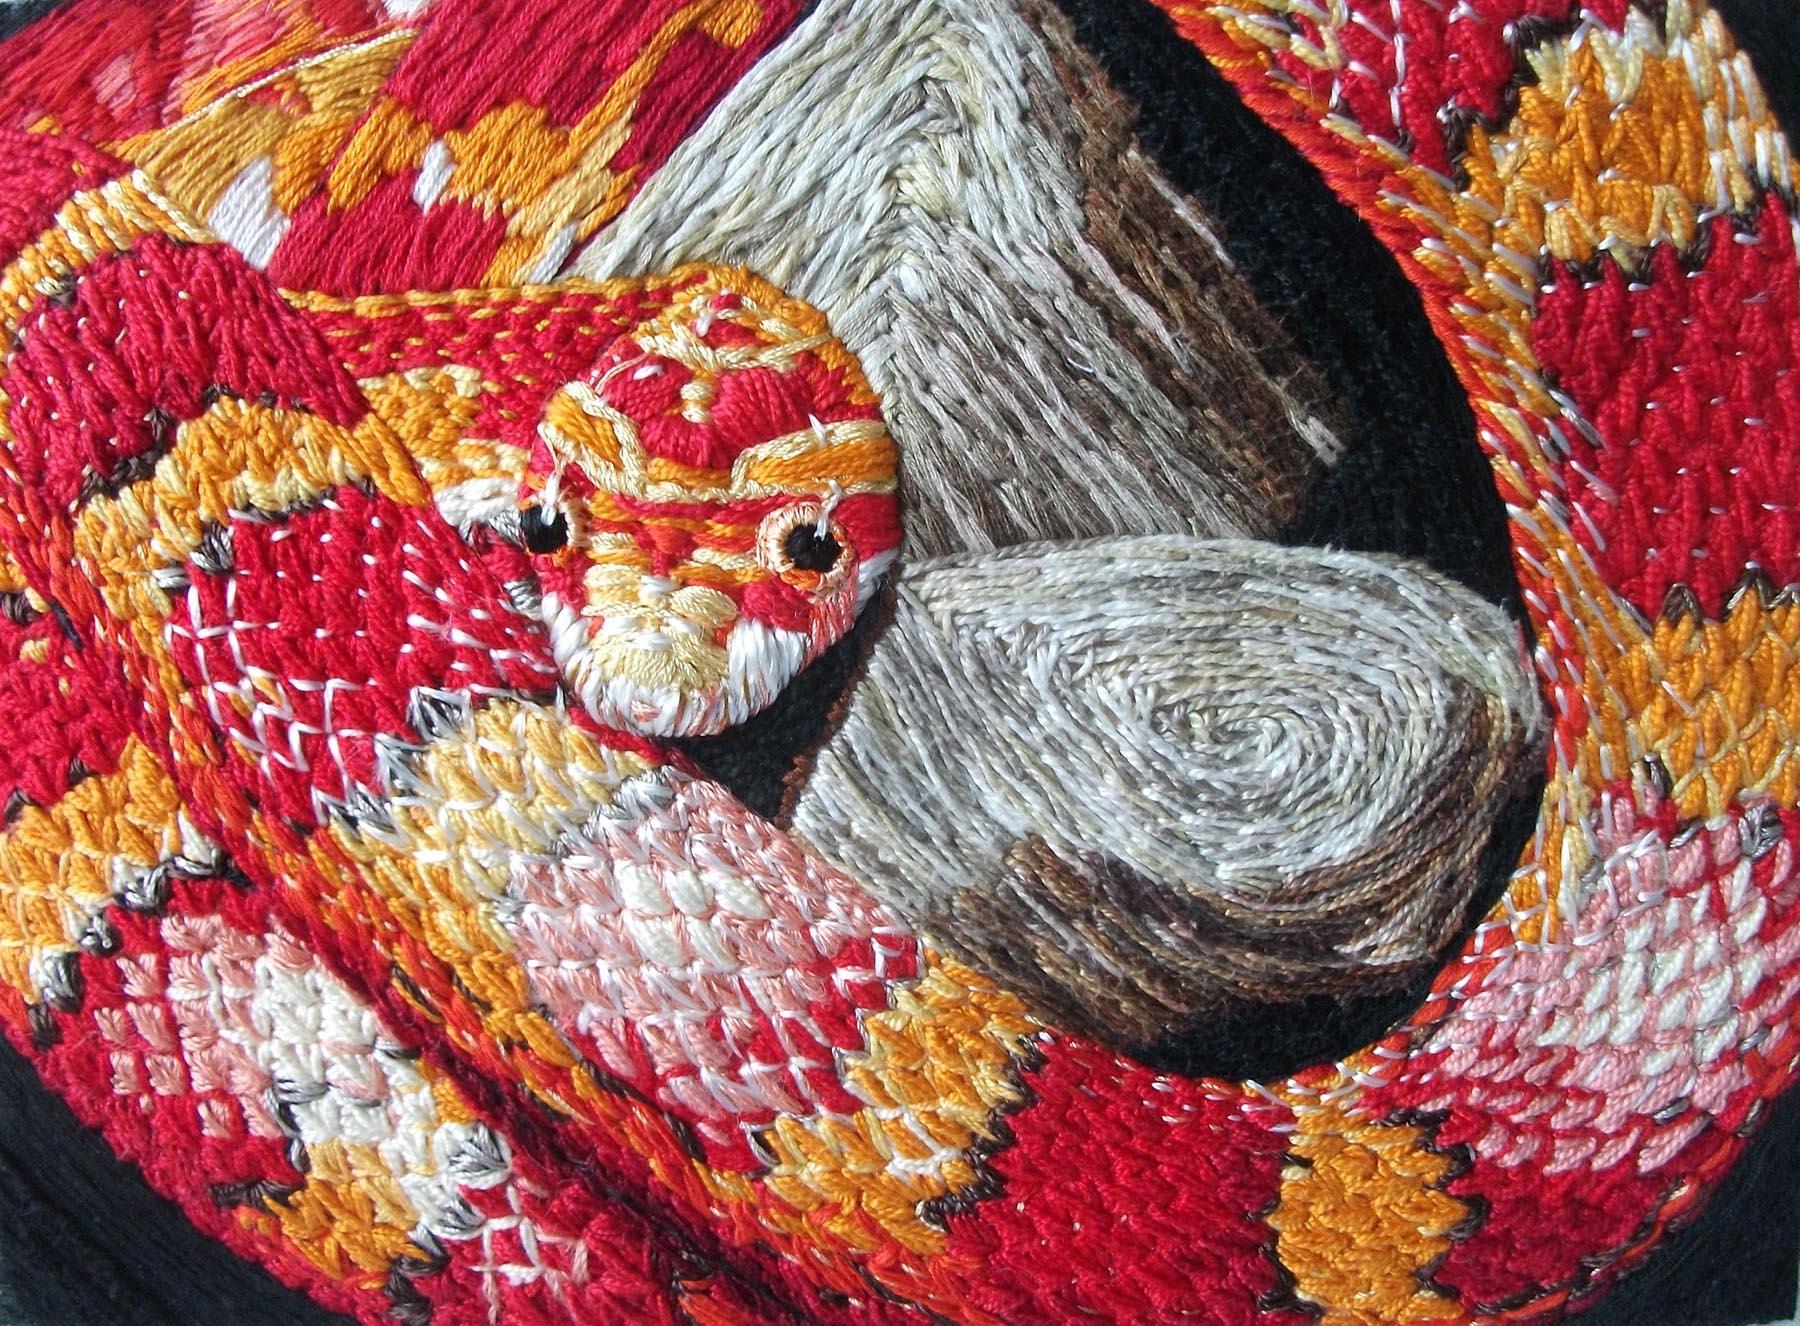 Corn Snake Pattern Layer Cake , Textile, 27.5 x 19.5 cm